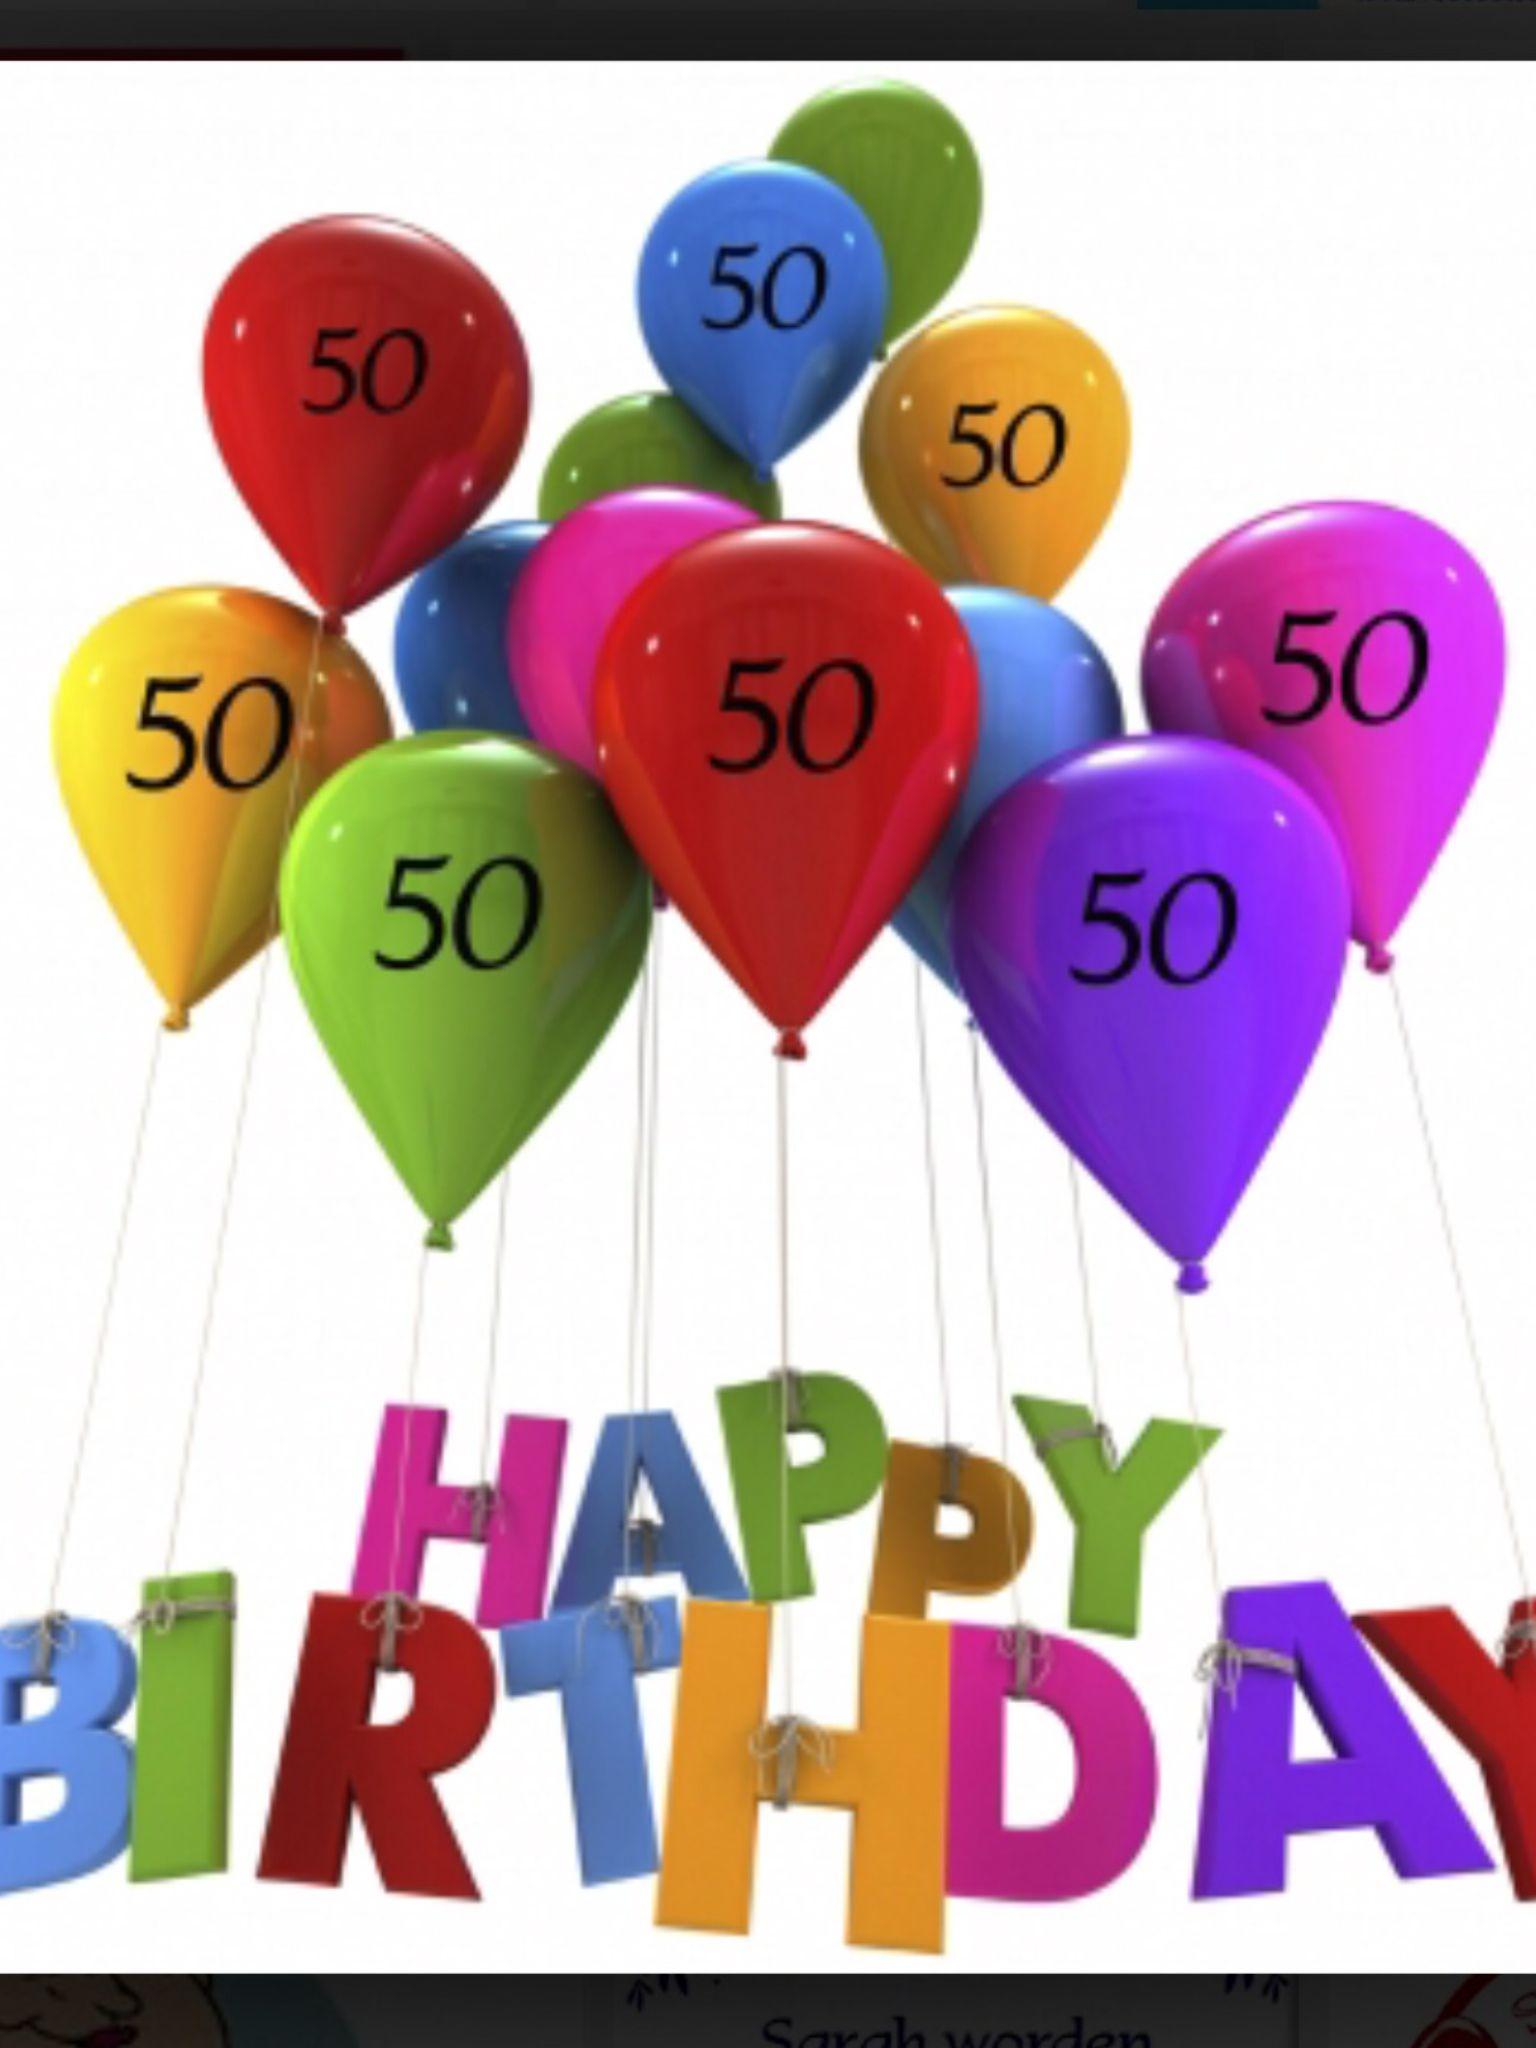 Happy 50th Birthday Birthday wishes Pinterest